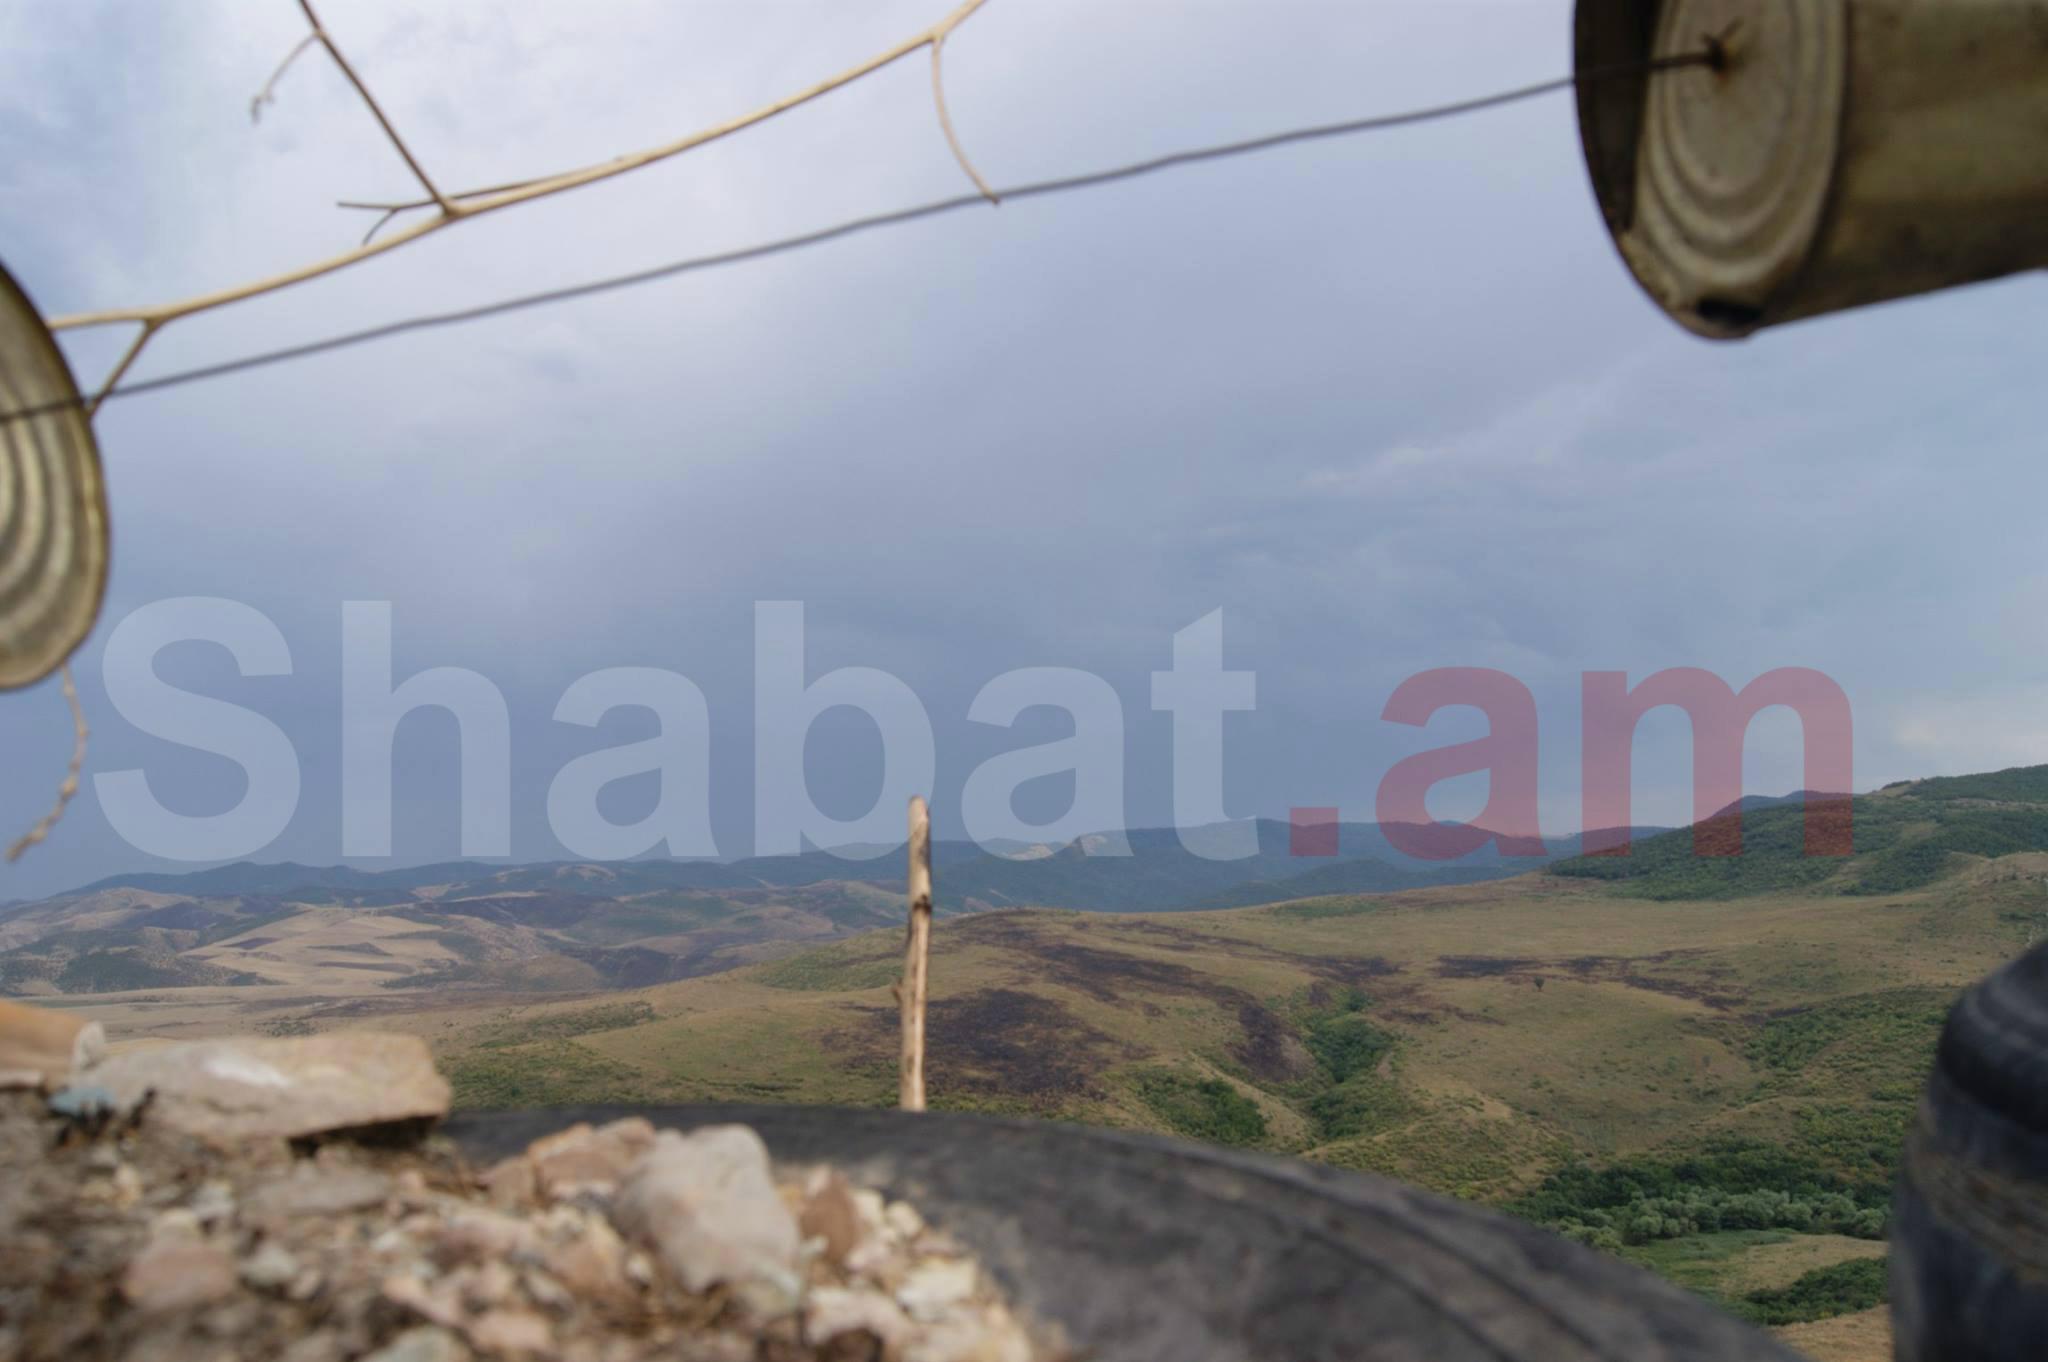 Երեկ գիշեր հայ-ադրբեջանական սահմանը խախտելու փորձ կատարելիս գերեվարվածները սևամորթներ են. «Ժողովուրդ»